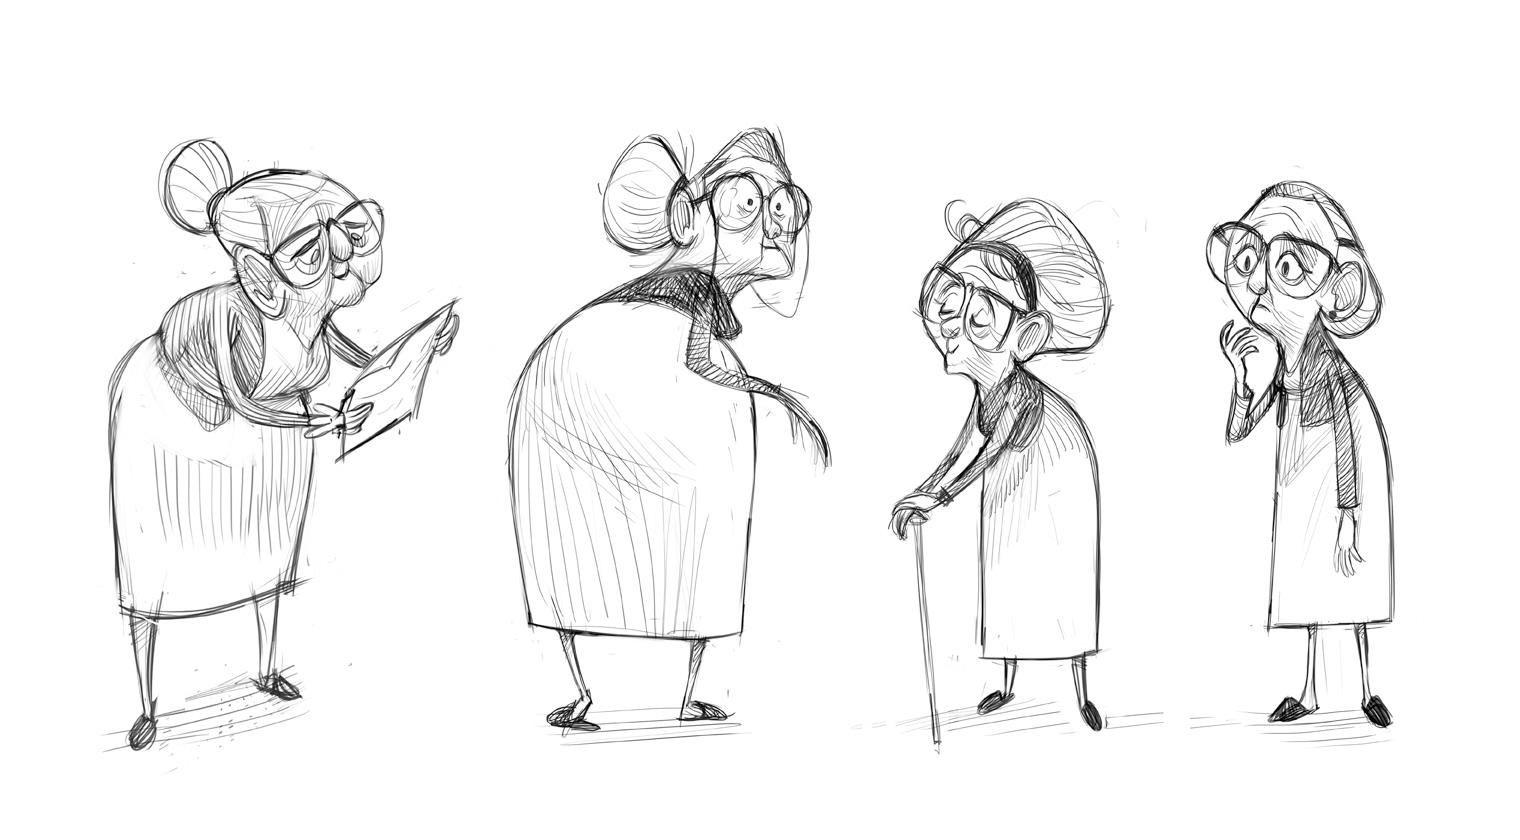 Character Design In Cartoons : Sketch renan nuche https facebook